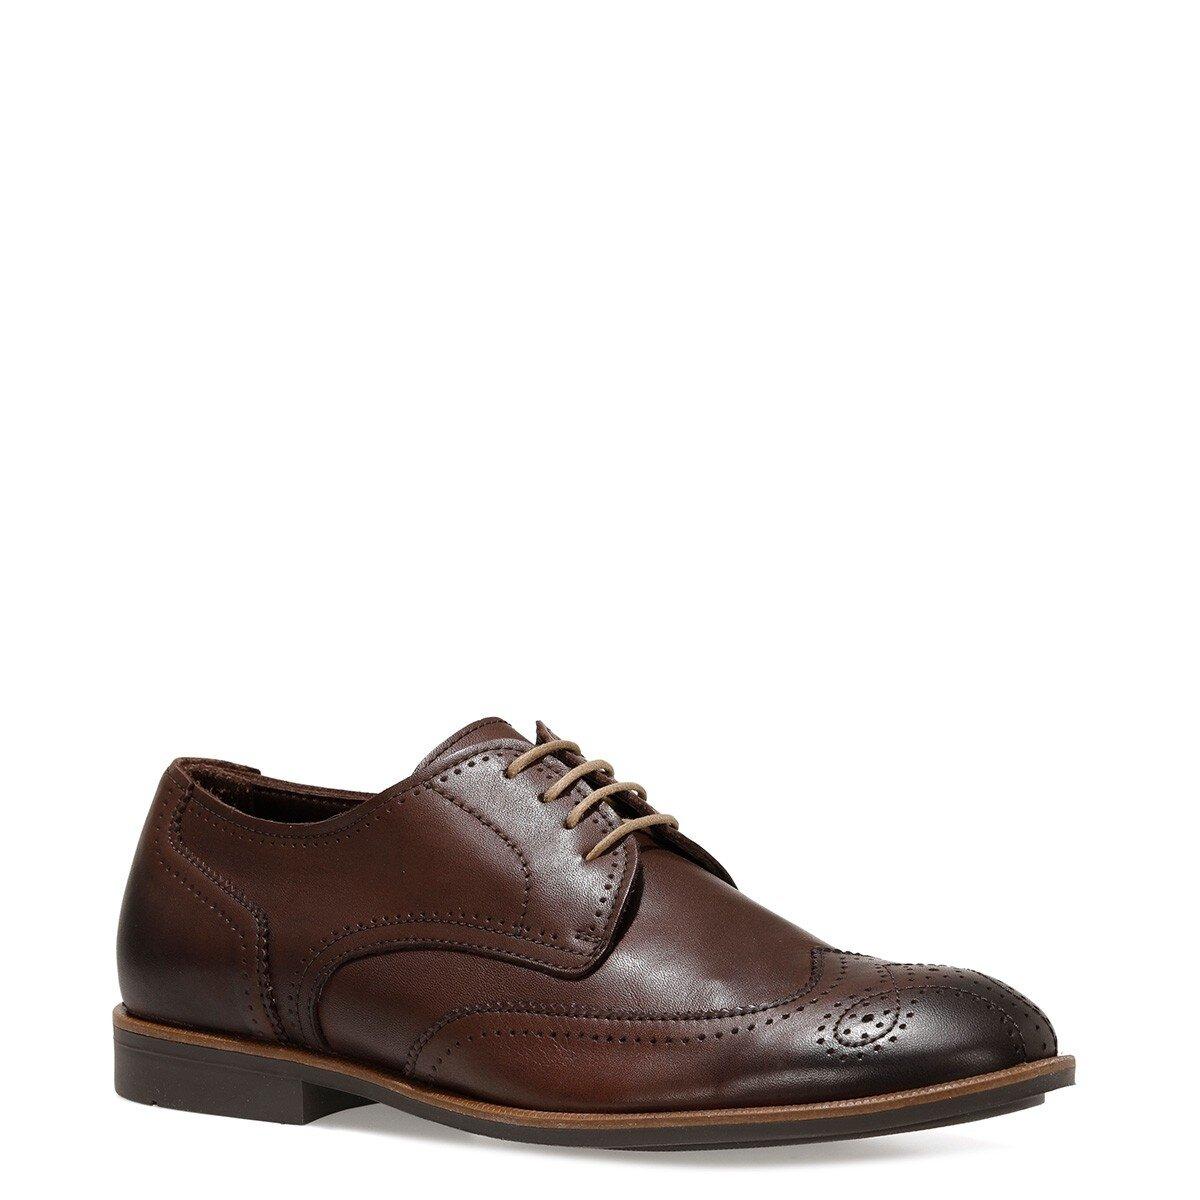 ZORAL 1FX Kahverengi Erkek Klasik Ayakkabı